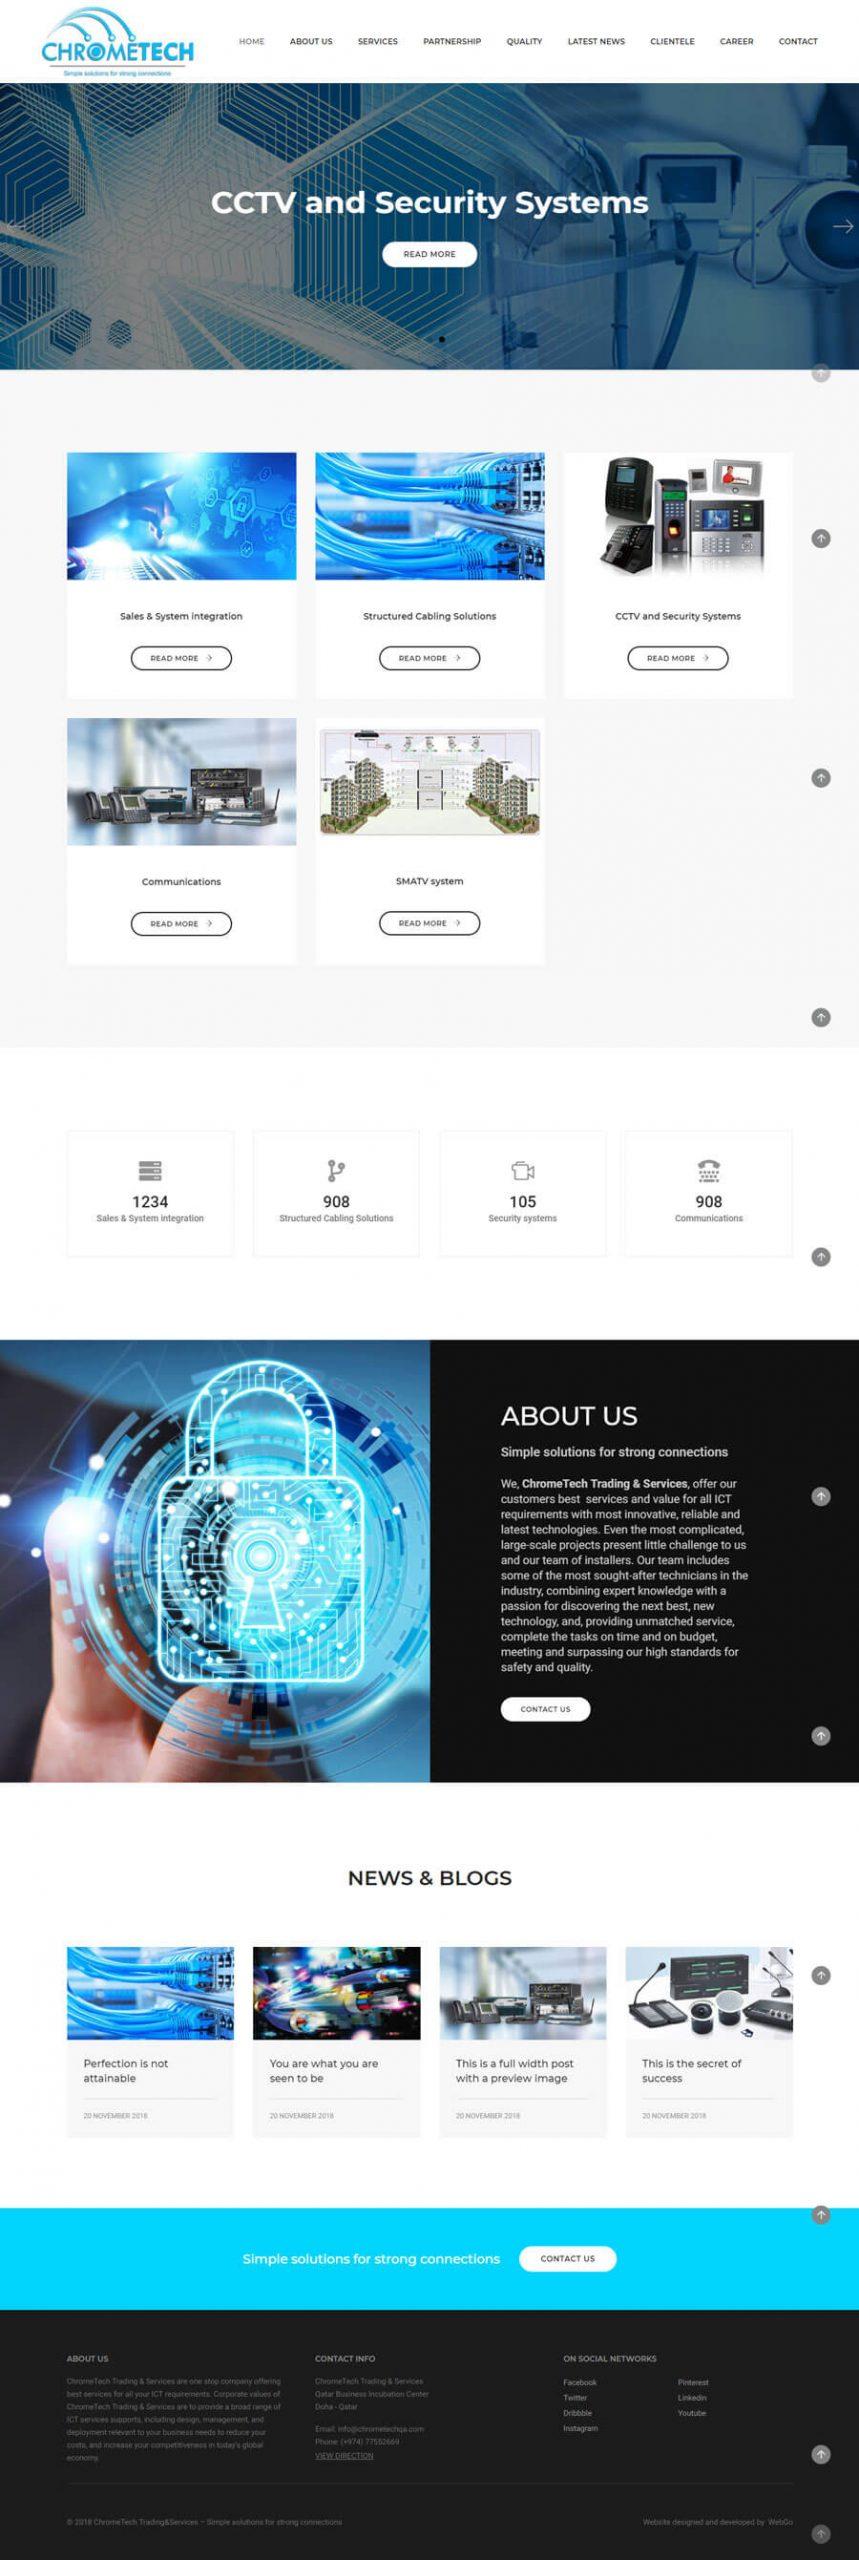 Создание сайта иразработка дизайн сайта в Узбекистане для ChromeTech Trading&Services